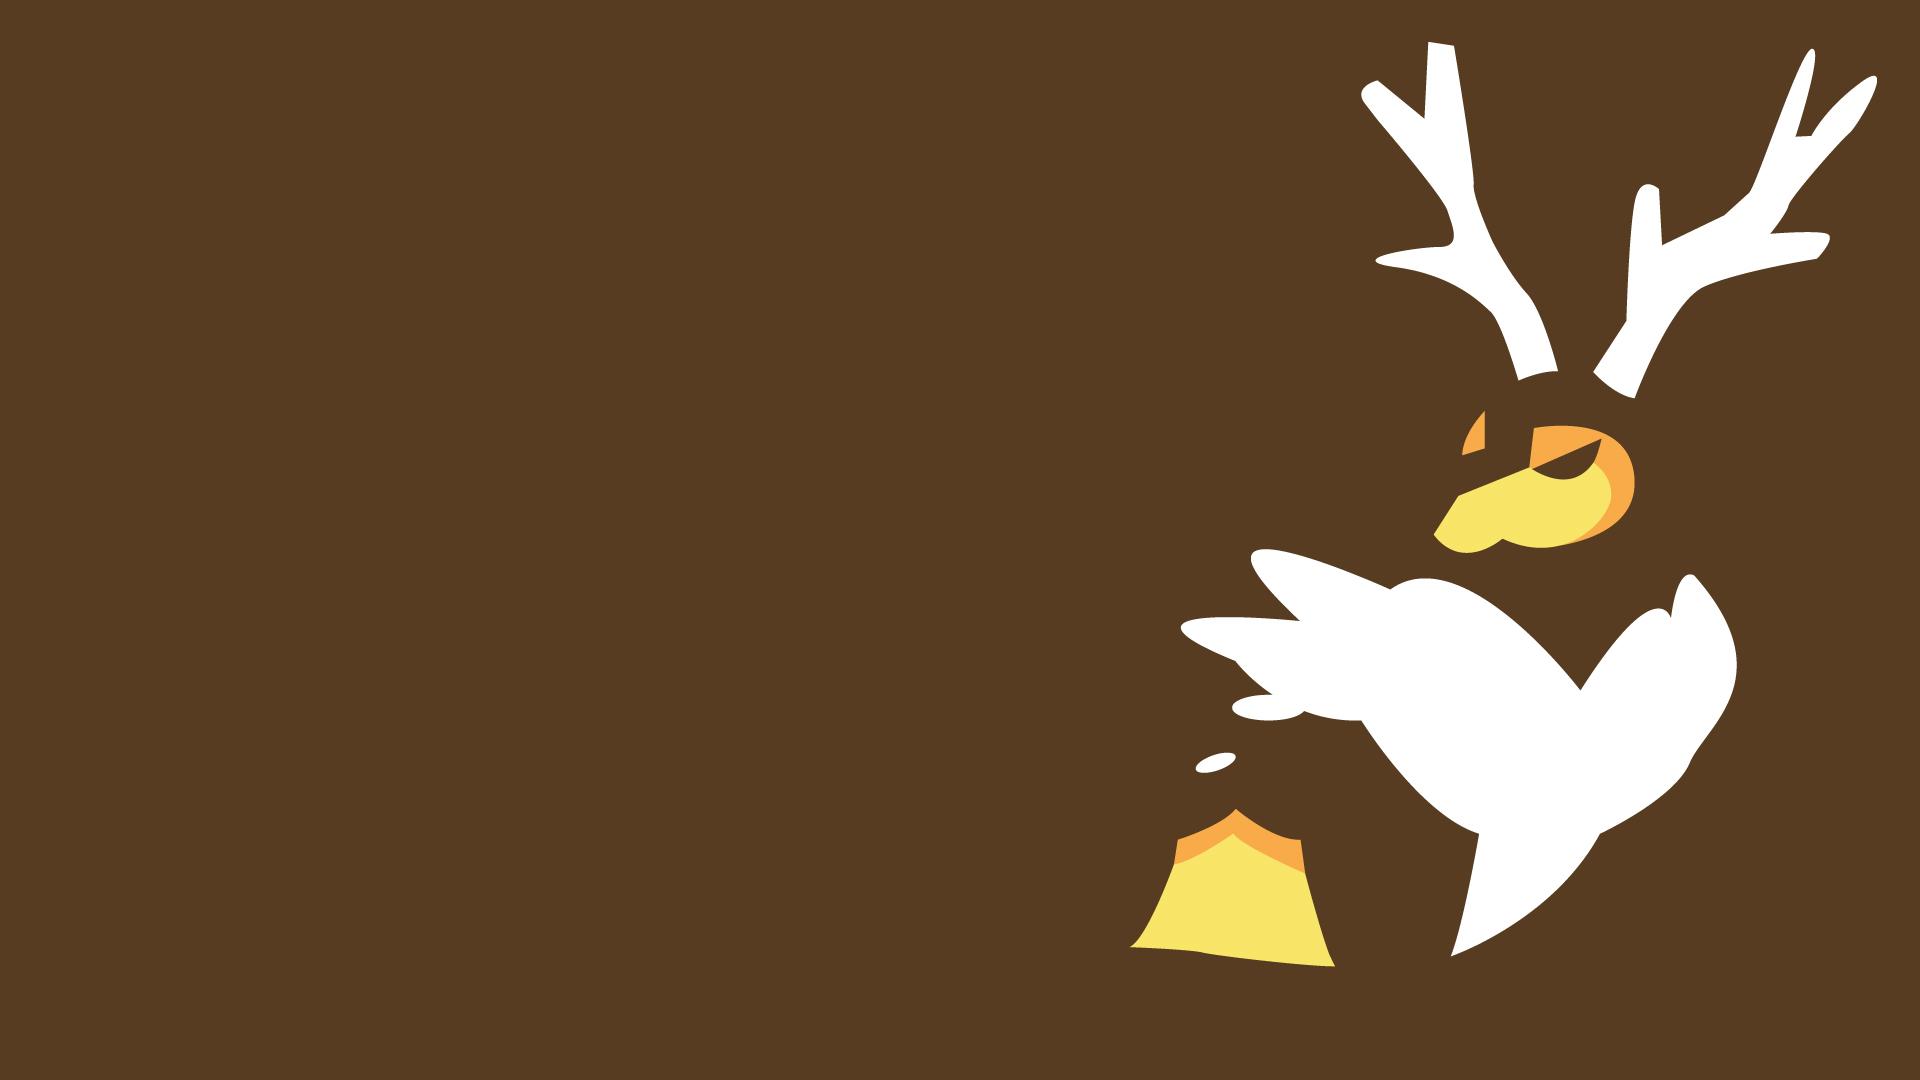 586 Sawsbuck Winter Art Sprites Amp Wallpapers Spritedex Pok 233 Dex Pldh Net